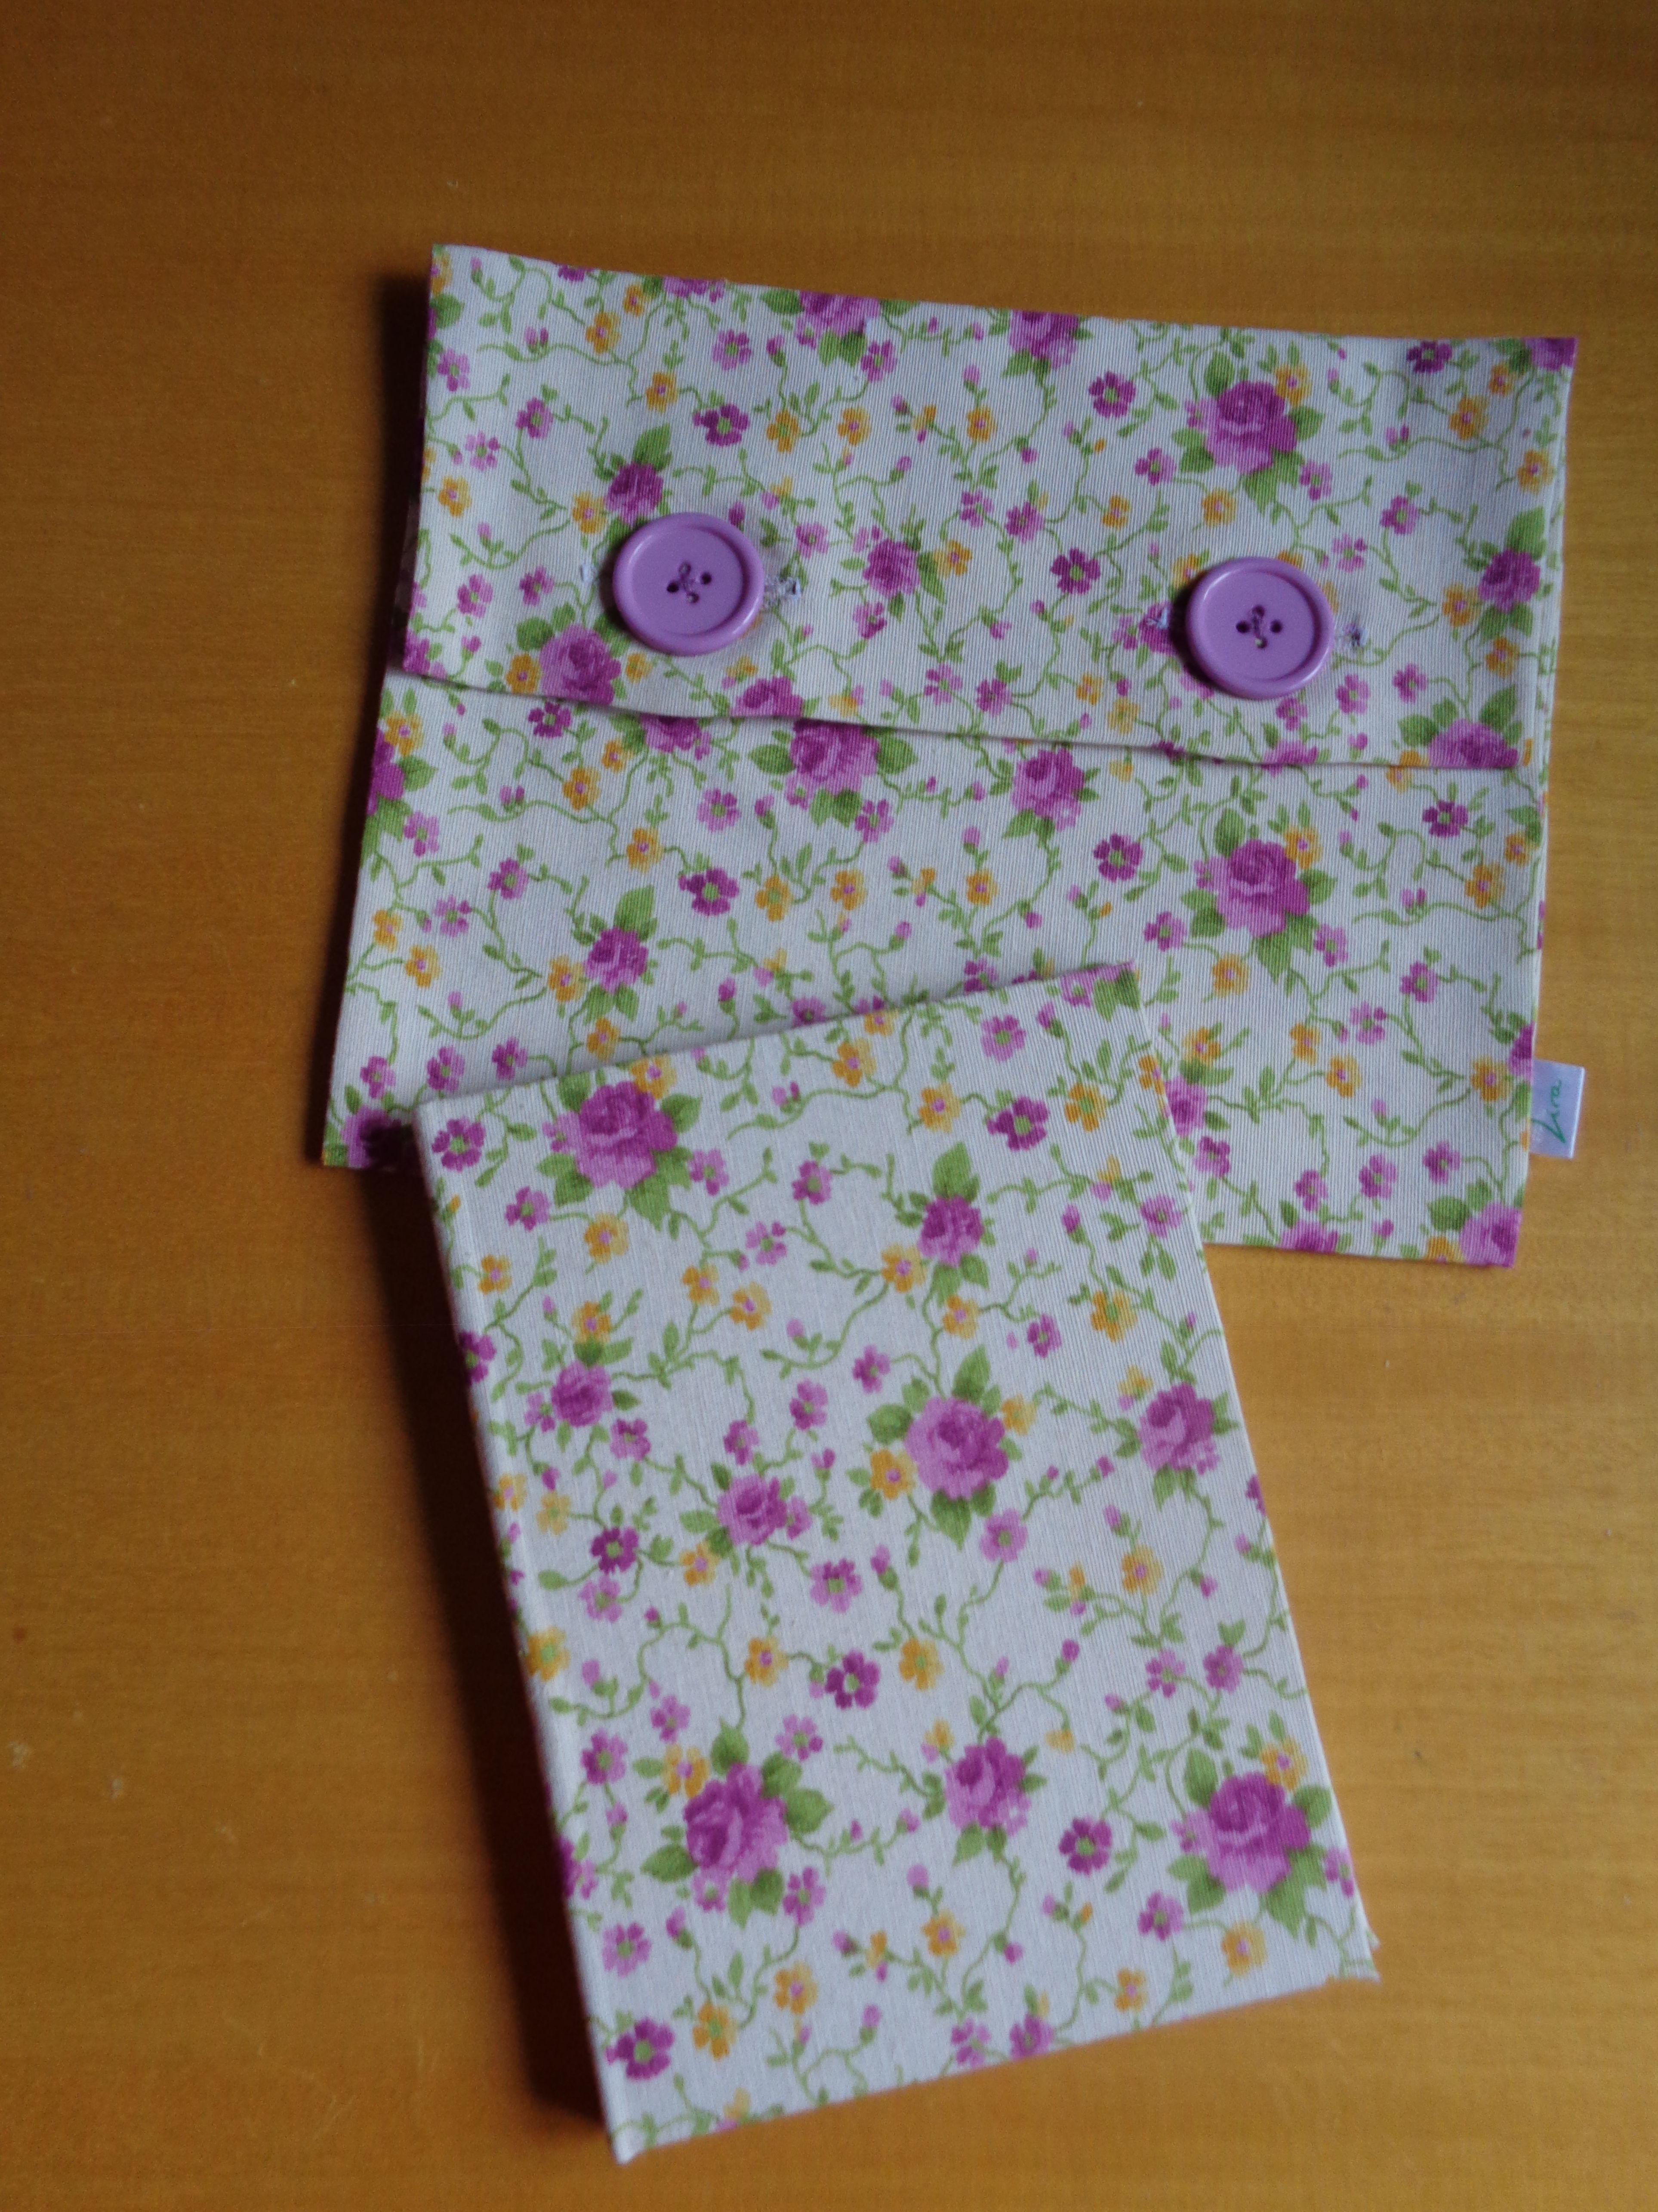 cuaderno artesano y guardatodo confeccionado a mano. Una delicada utilidad para la vida diaria.